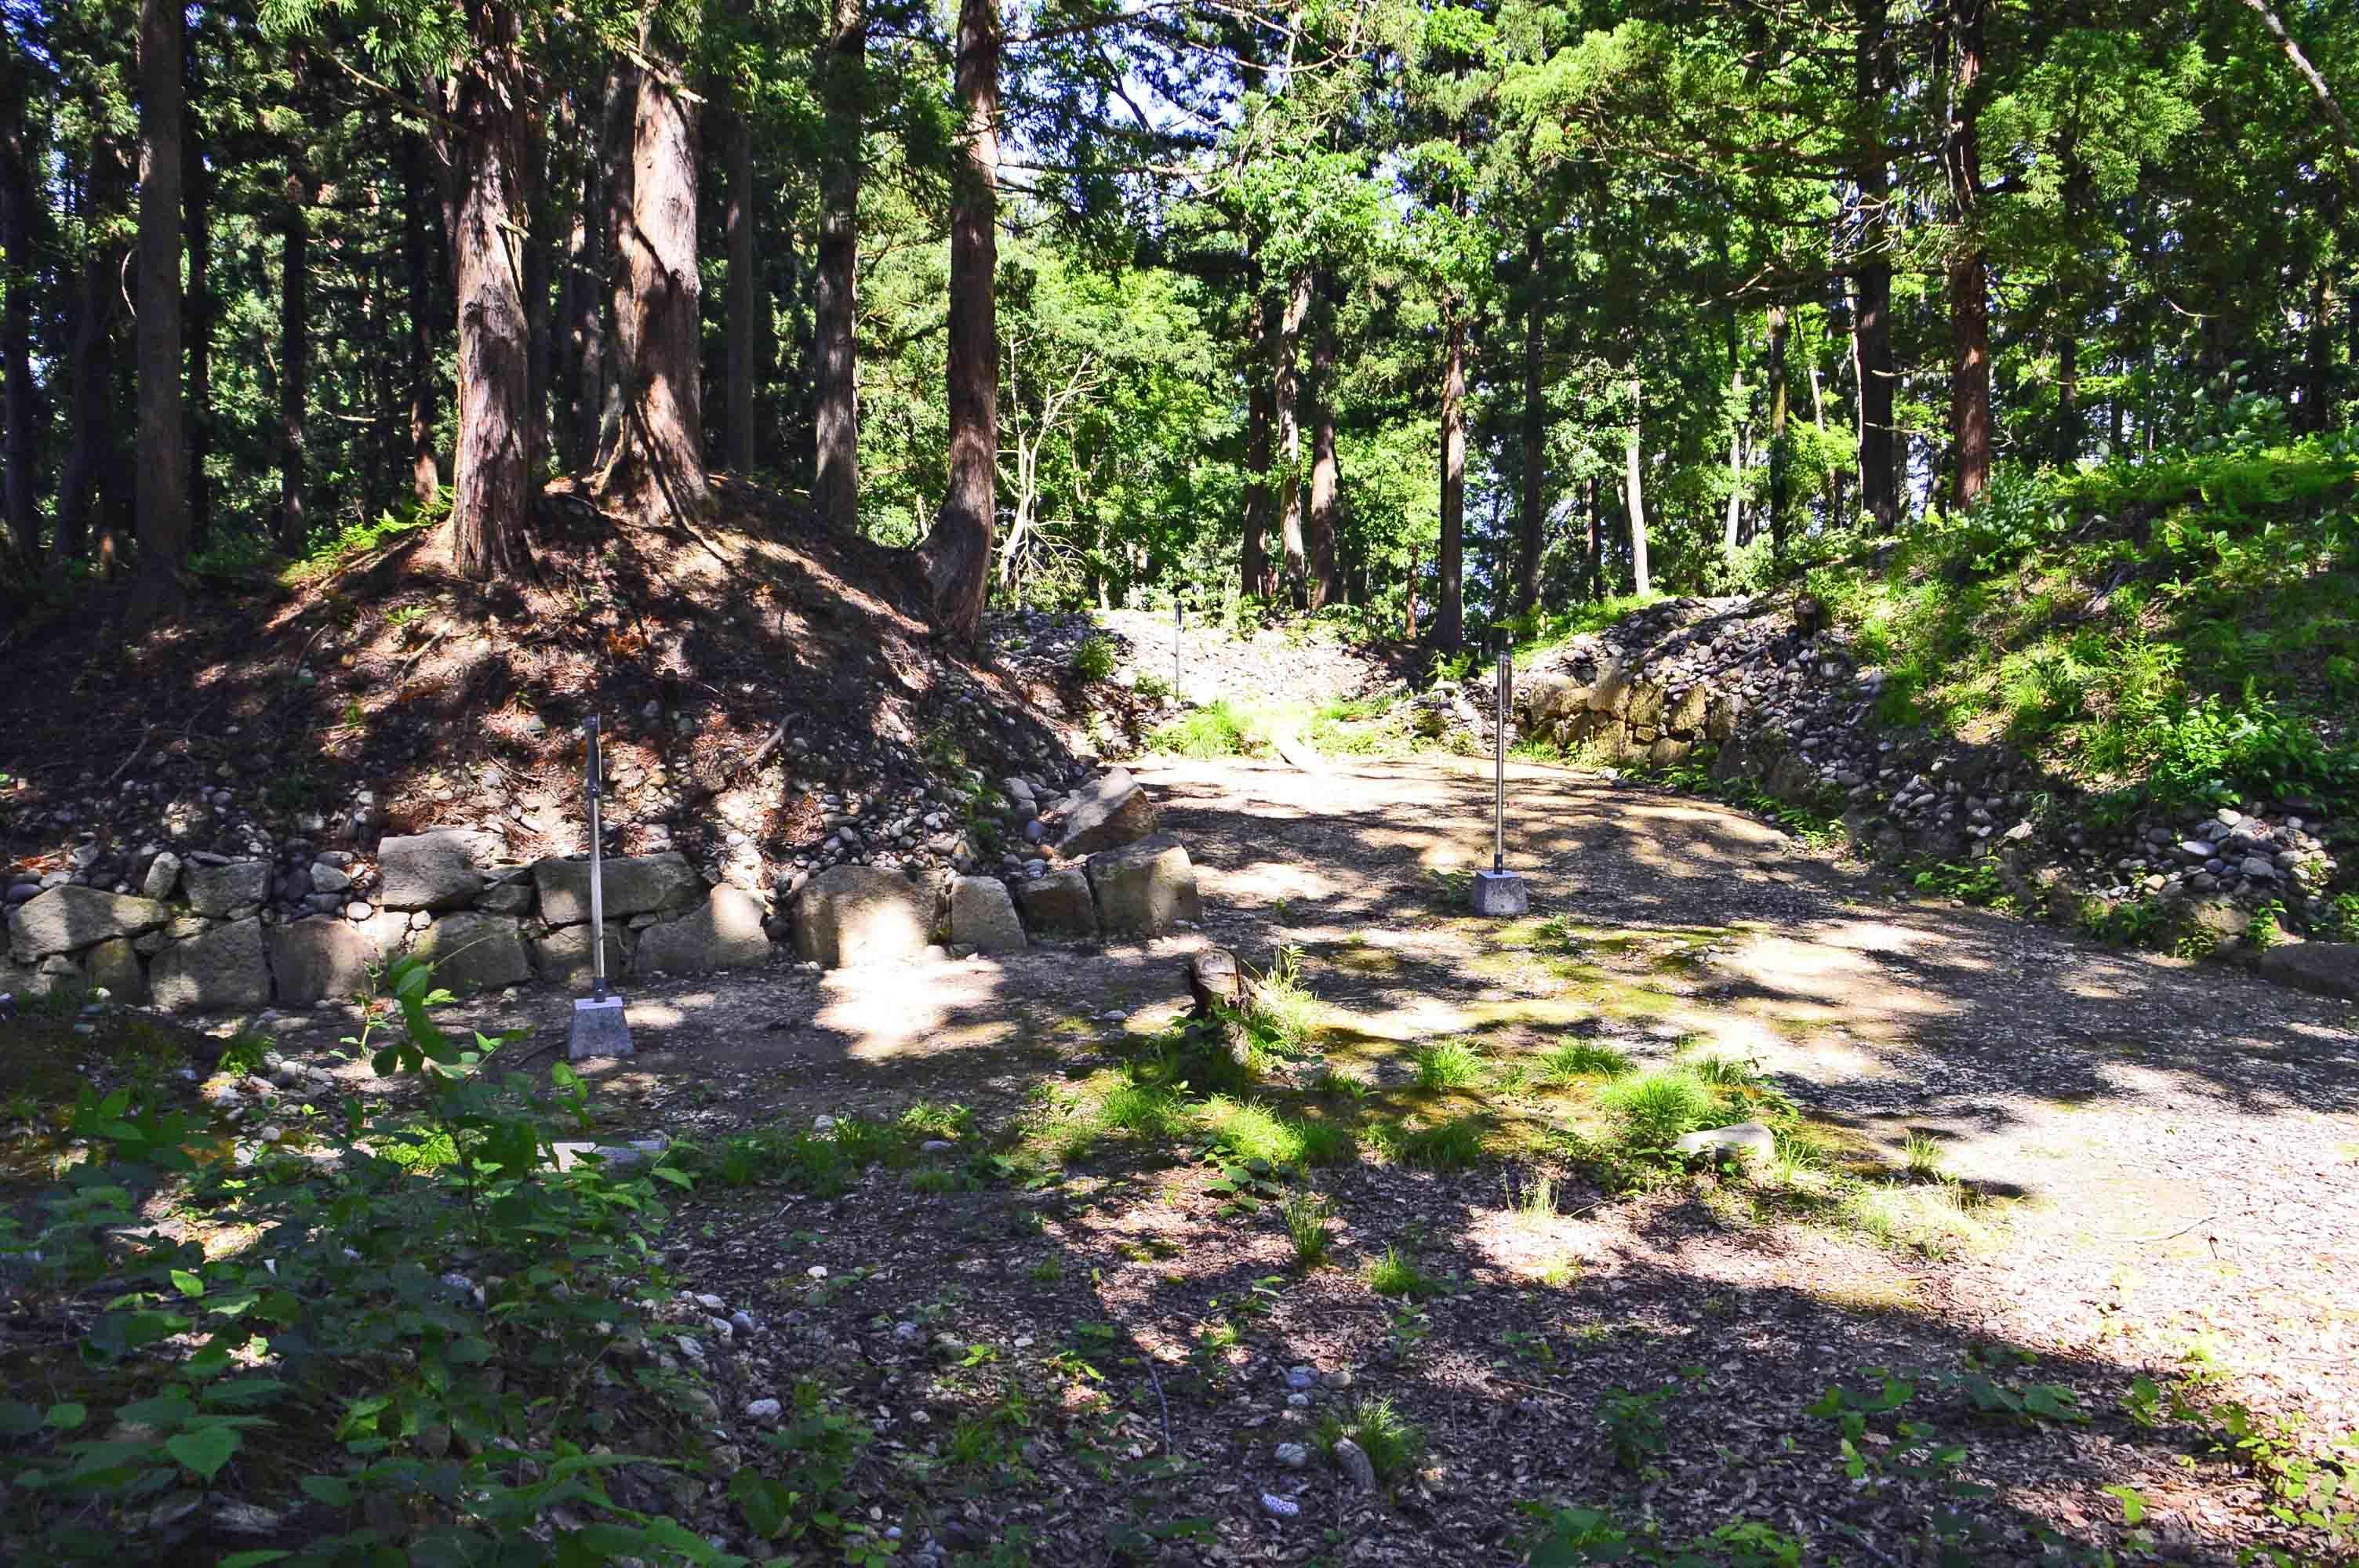 館山城 主郭の桝形門跡、破城されたが石垣が発掘されている